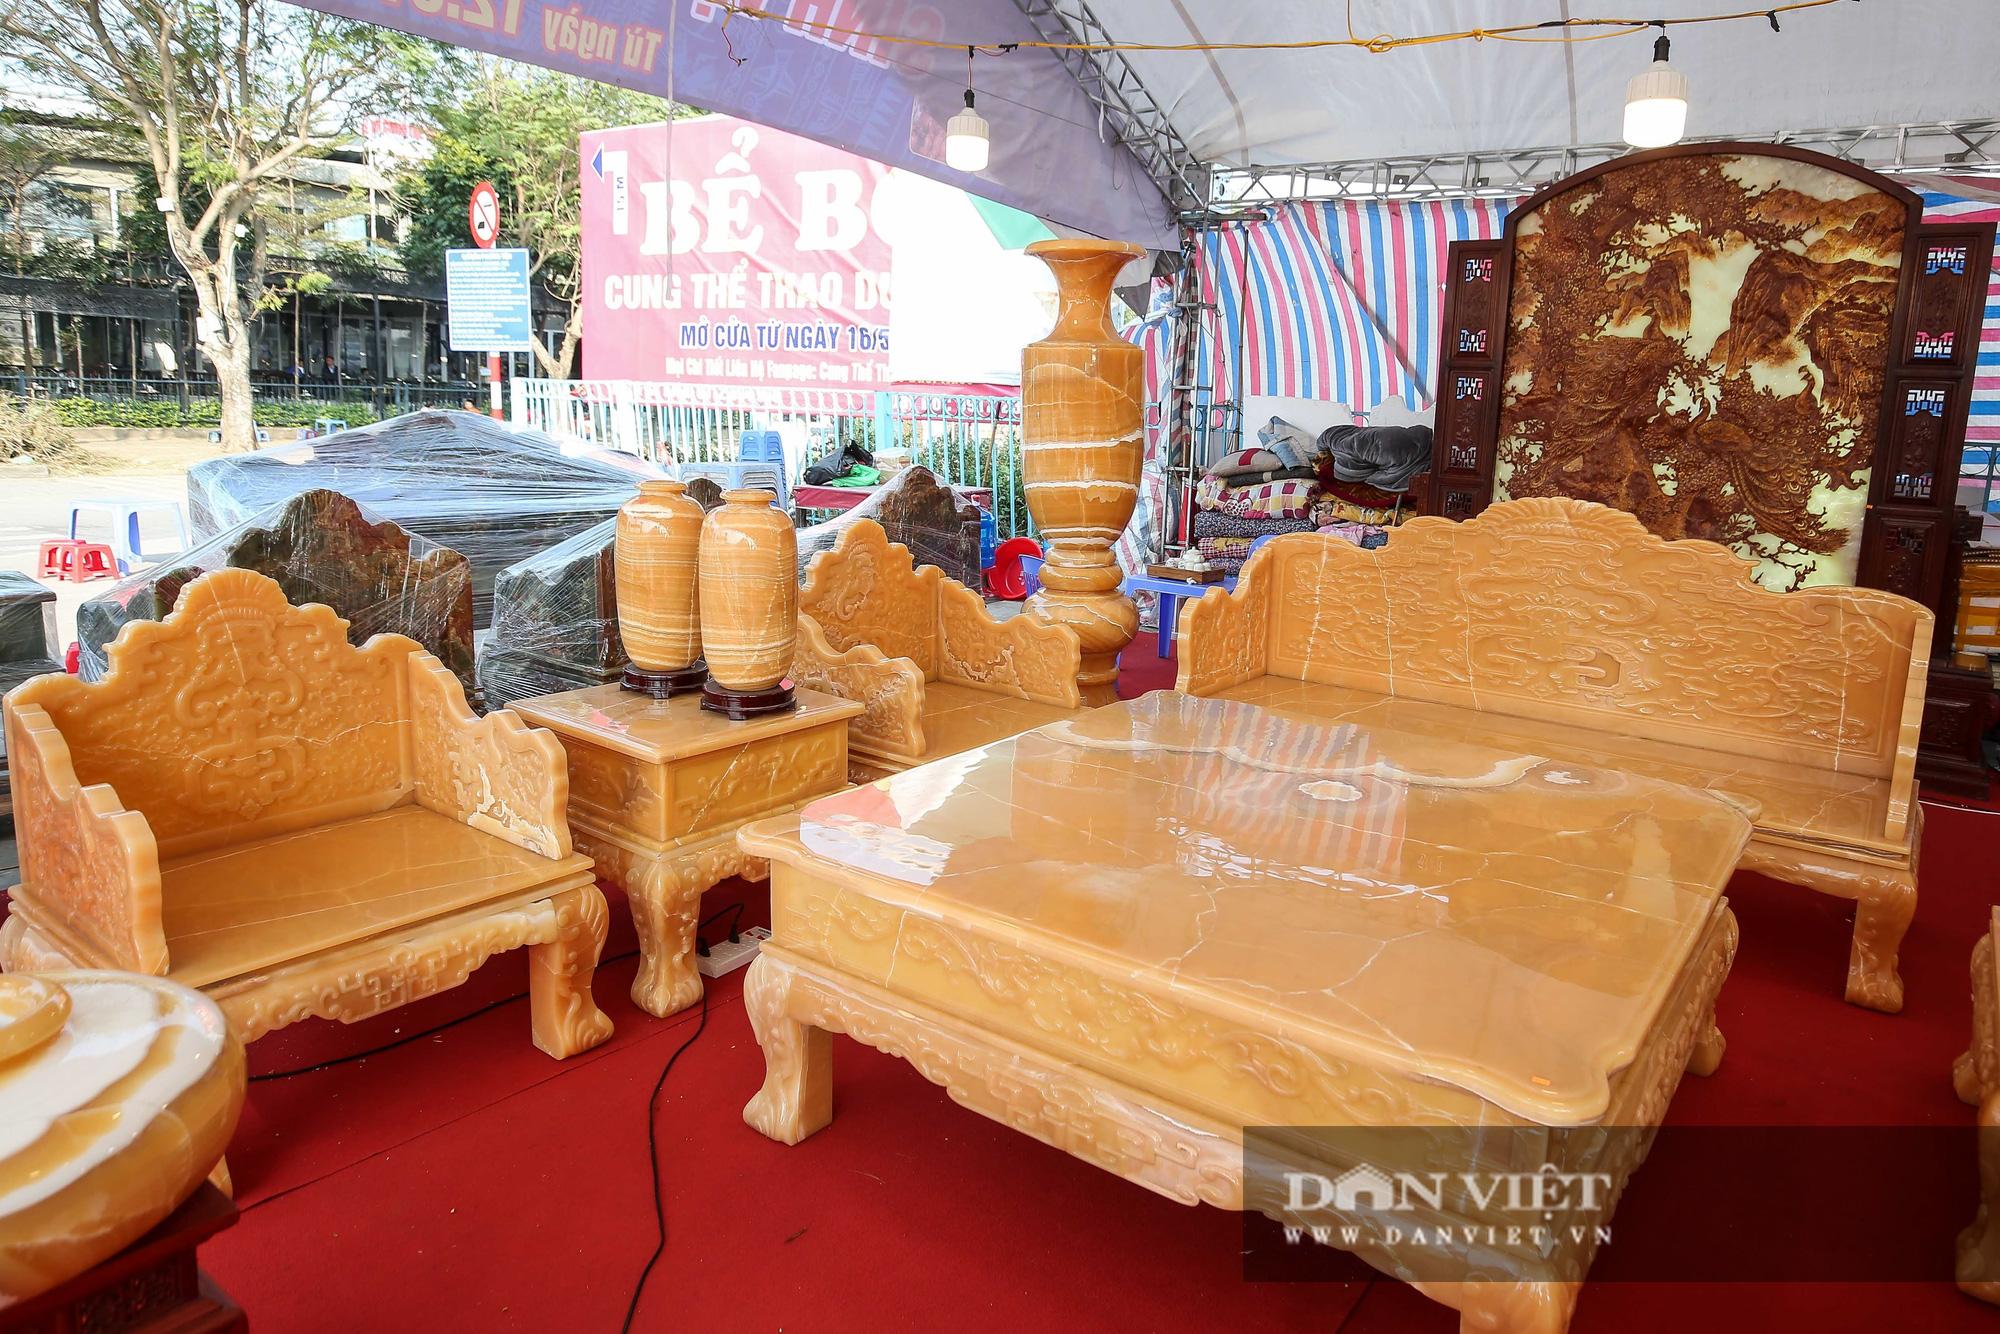 Xôn xao bộ bàn ghế làm bằng ngọc Hoàng Long giá tiền tỷ tại Hà Nội - Ảnh 2.